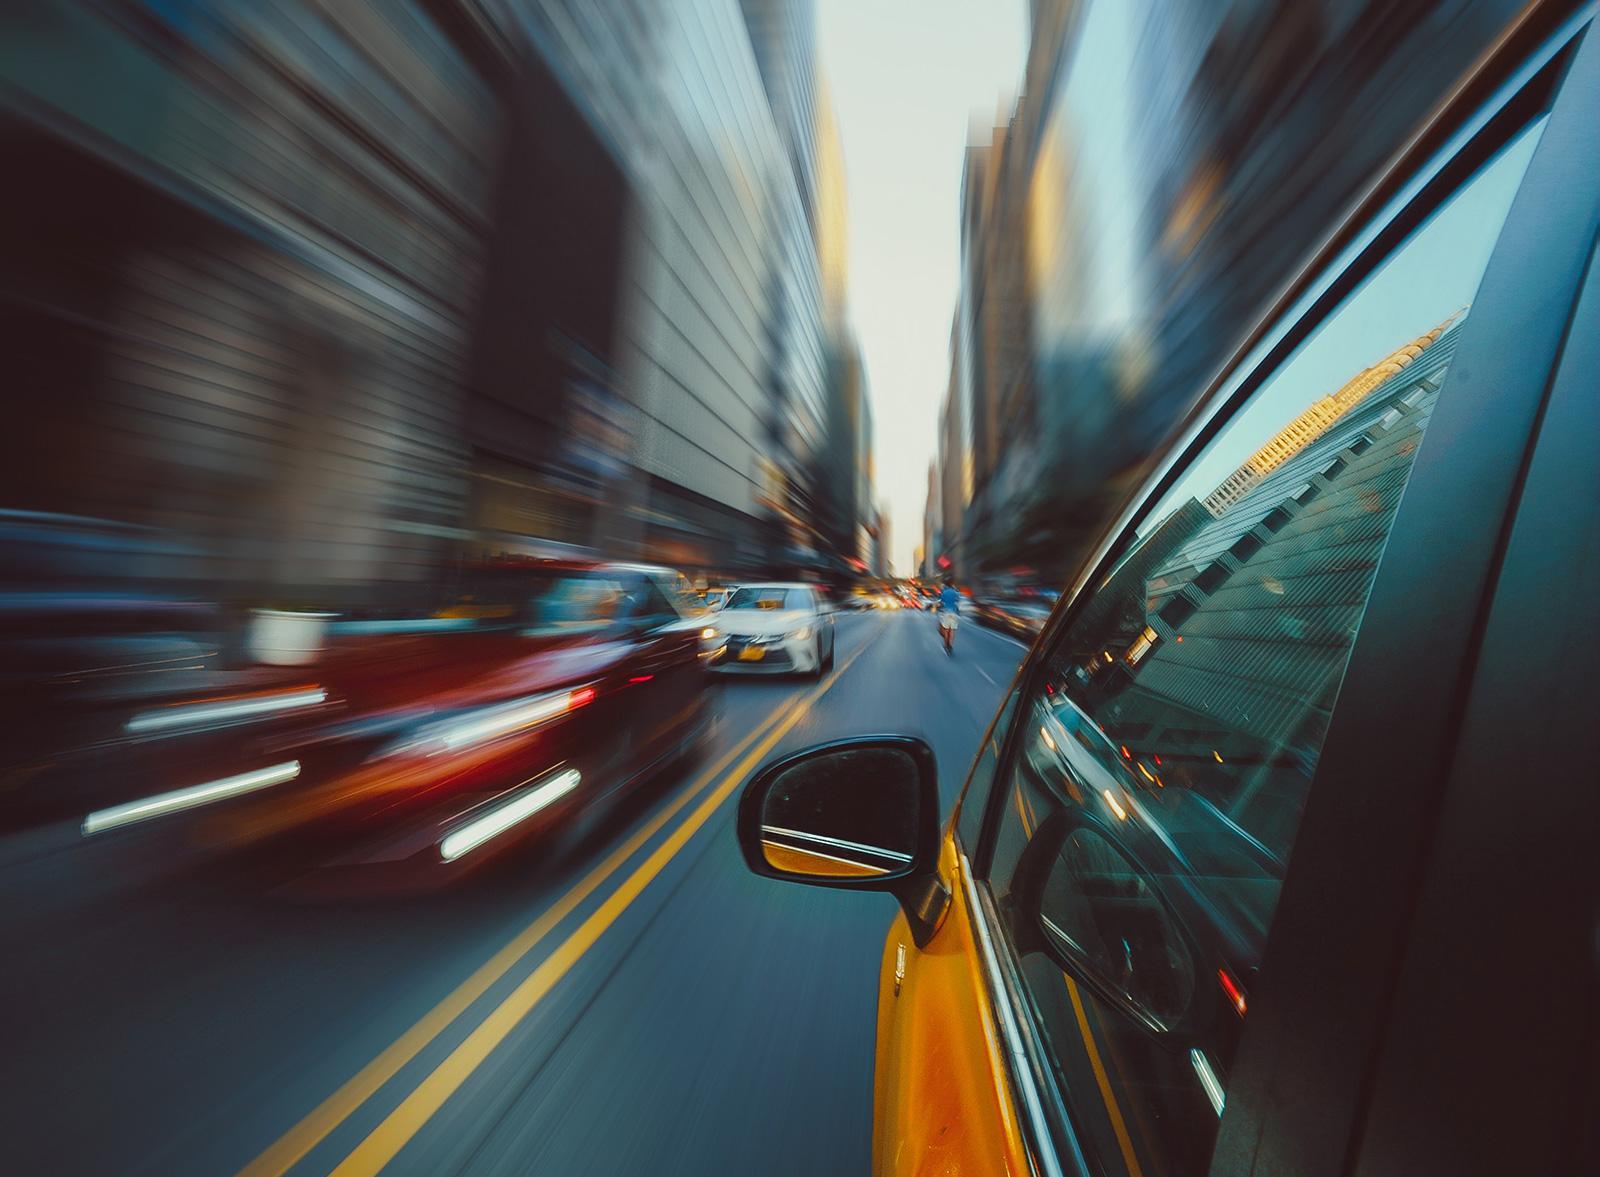 blurred-traffic